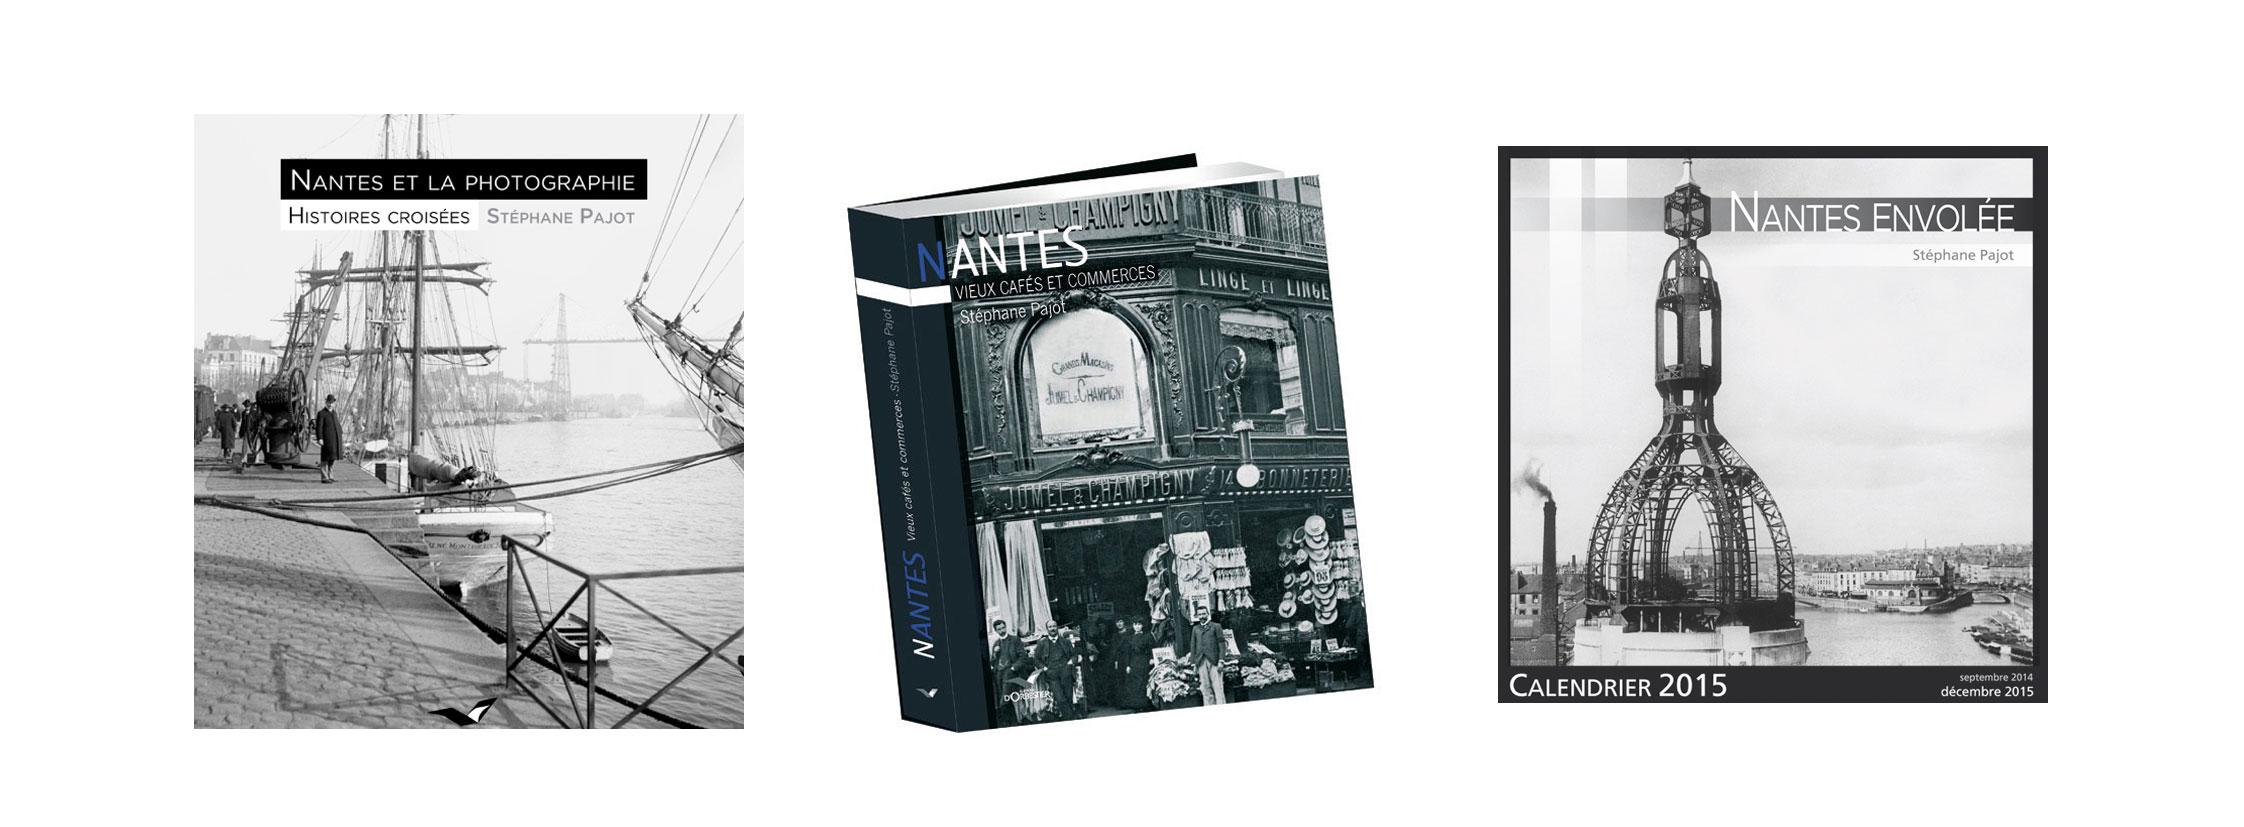 Les ouvrages nantais de S.Pajot chez D'Orbestier